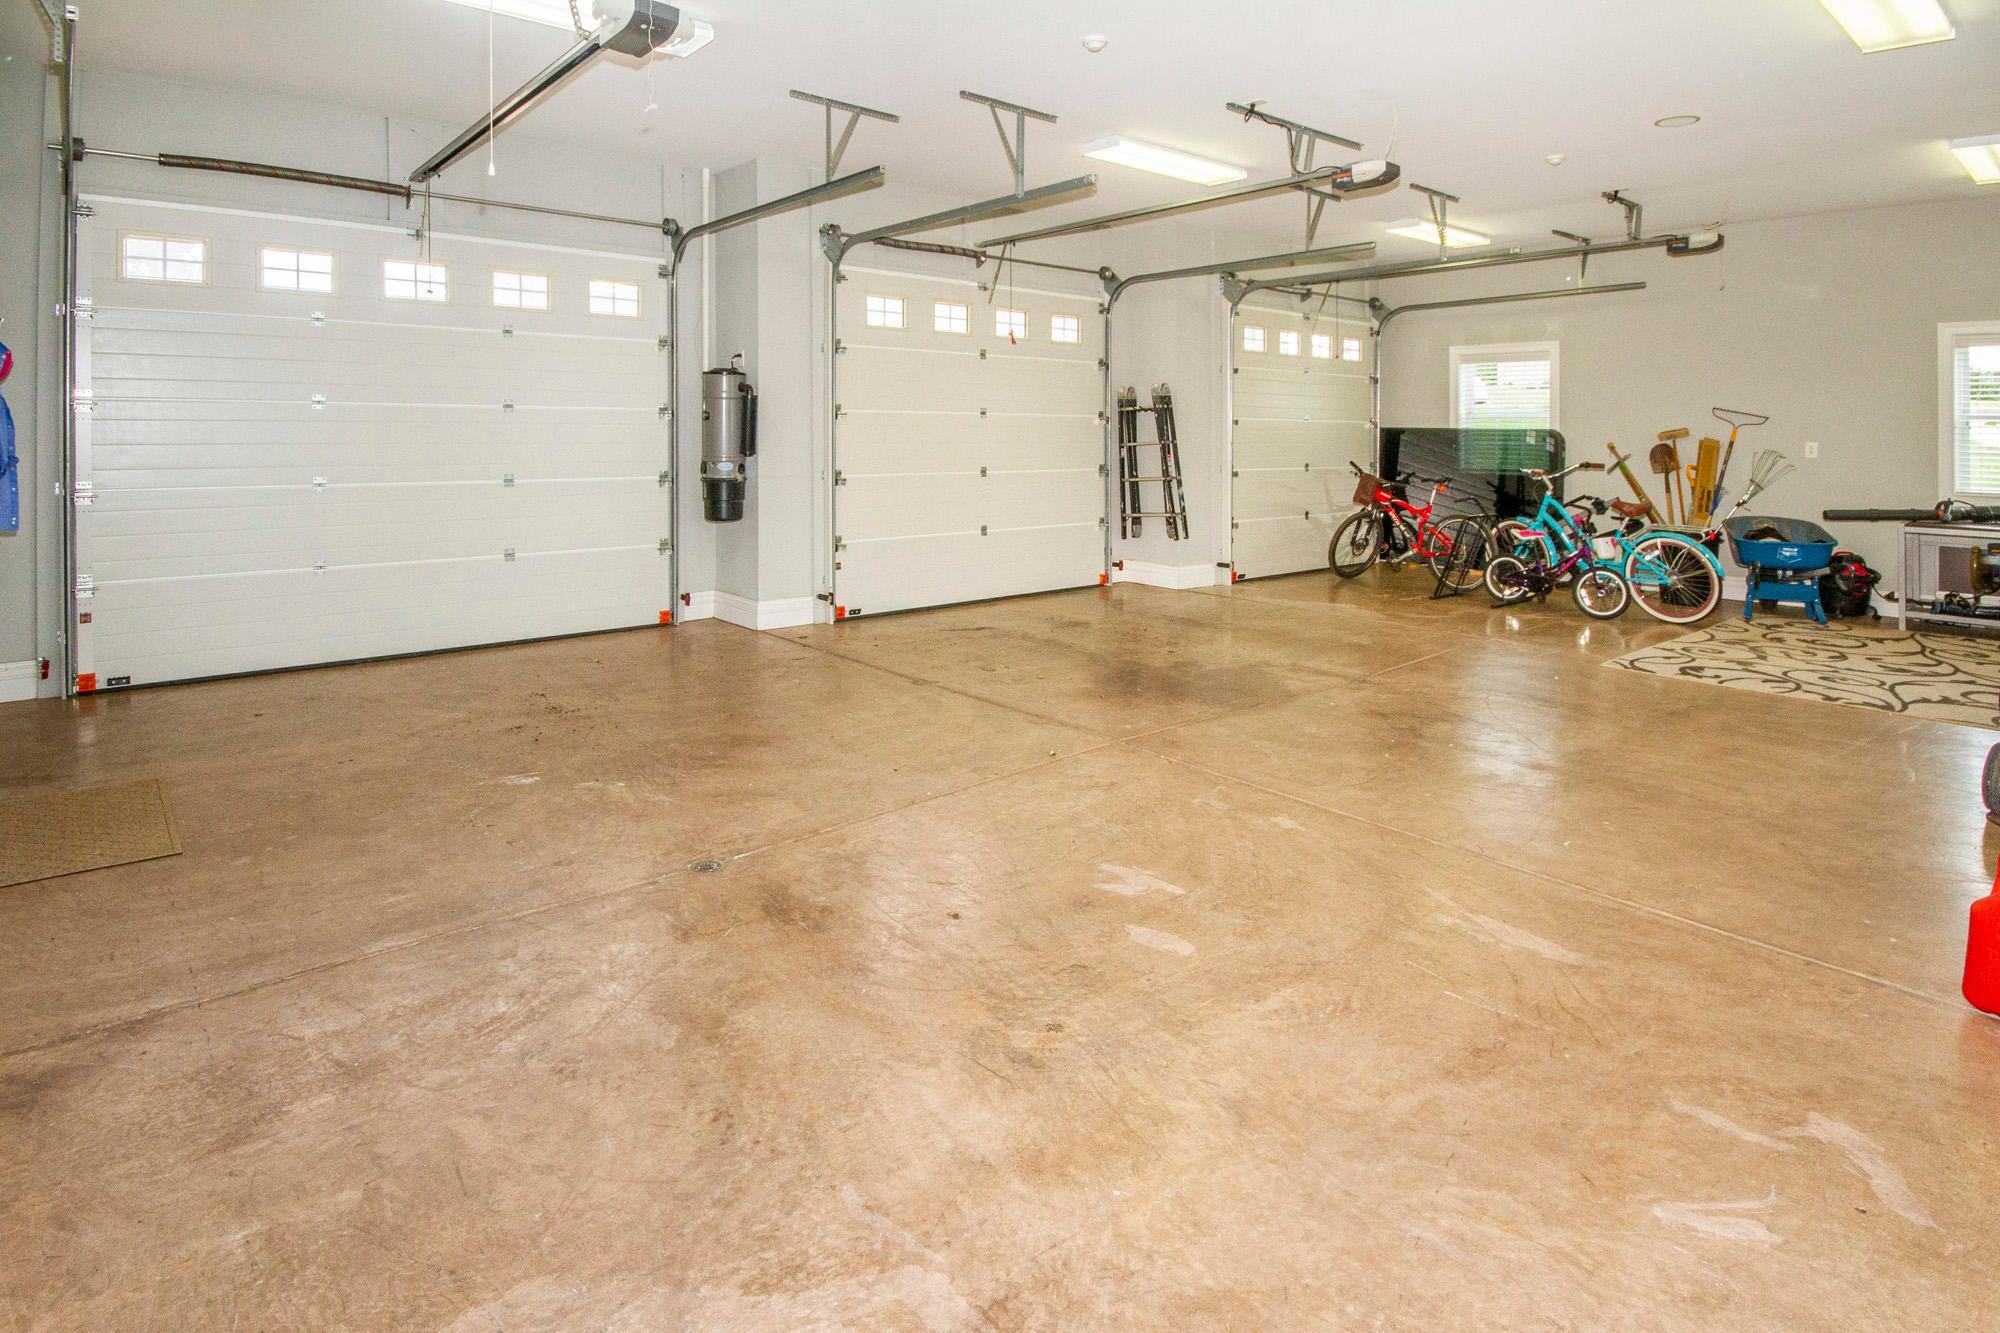 Extra Wide Doors & Floor Drains